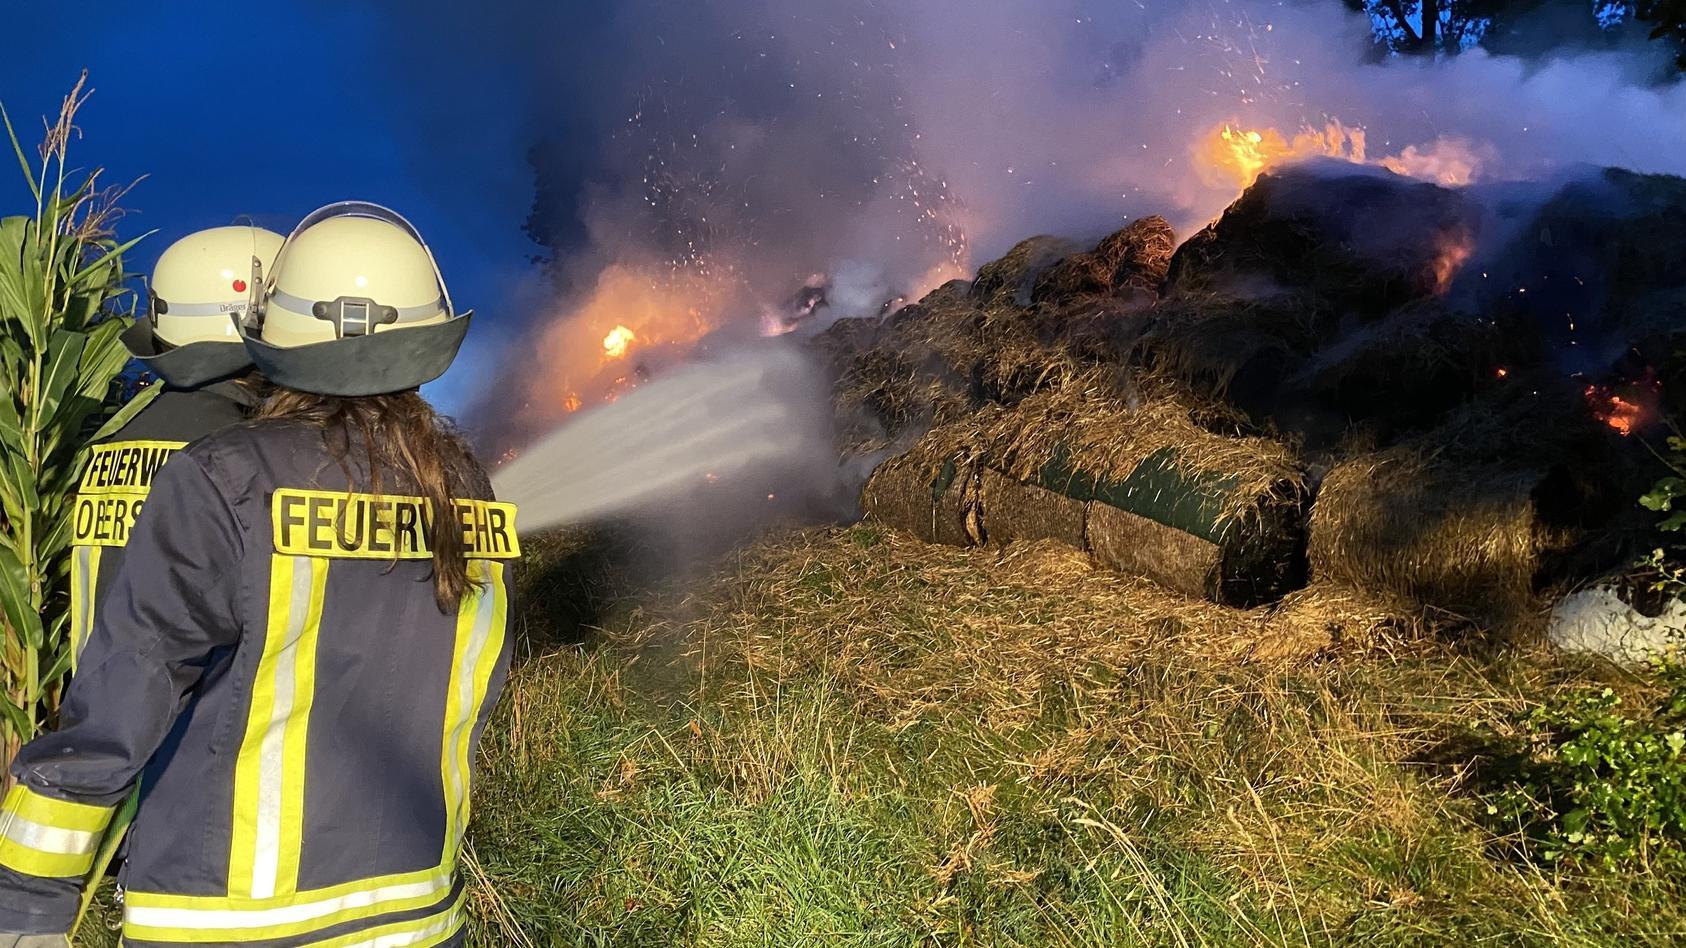 Feuerwehrmänner löschen die brennenden Heuballen. Foto: TVnews-Hessen